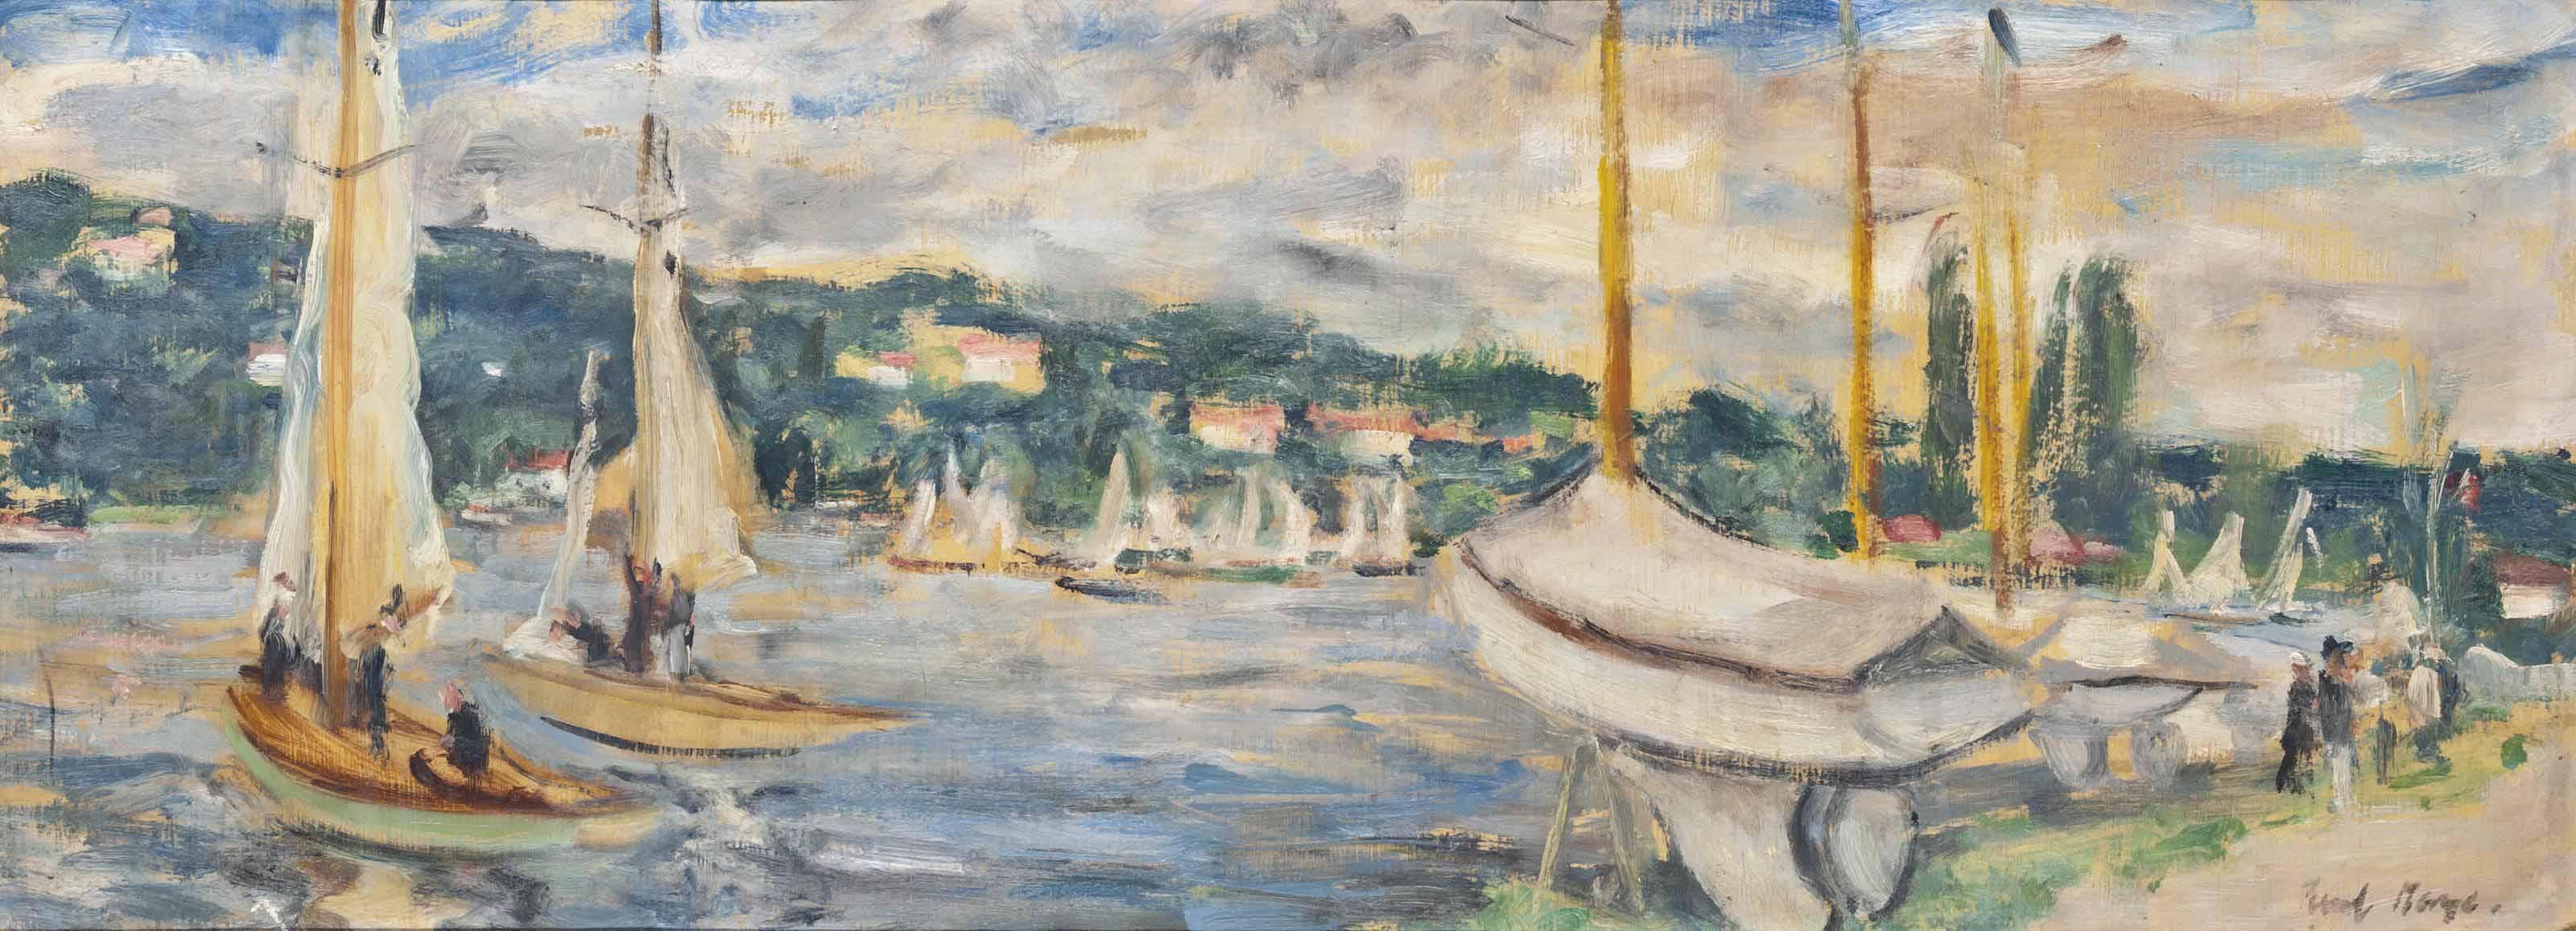 Bateaux à voiles sur rivière